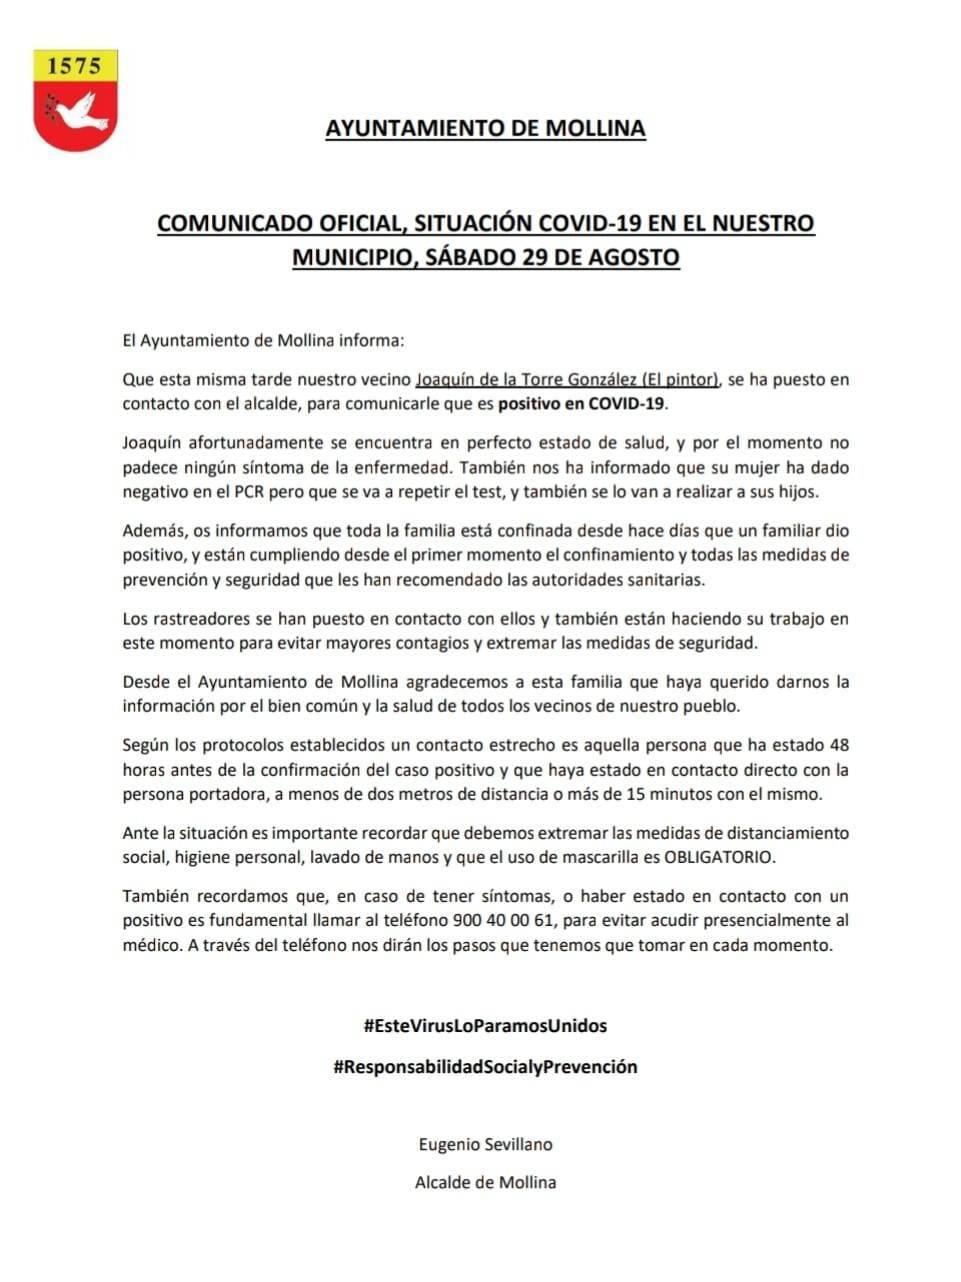 Un nuevo caso positivo de COVID-19 (agosto 2020) - Mollina (Málaga)